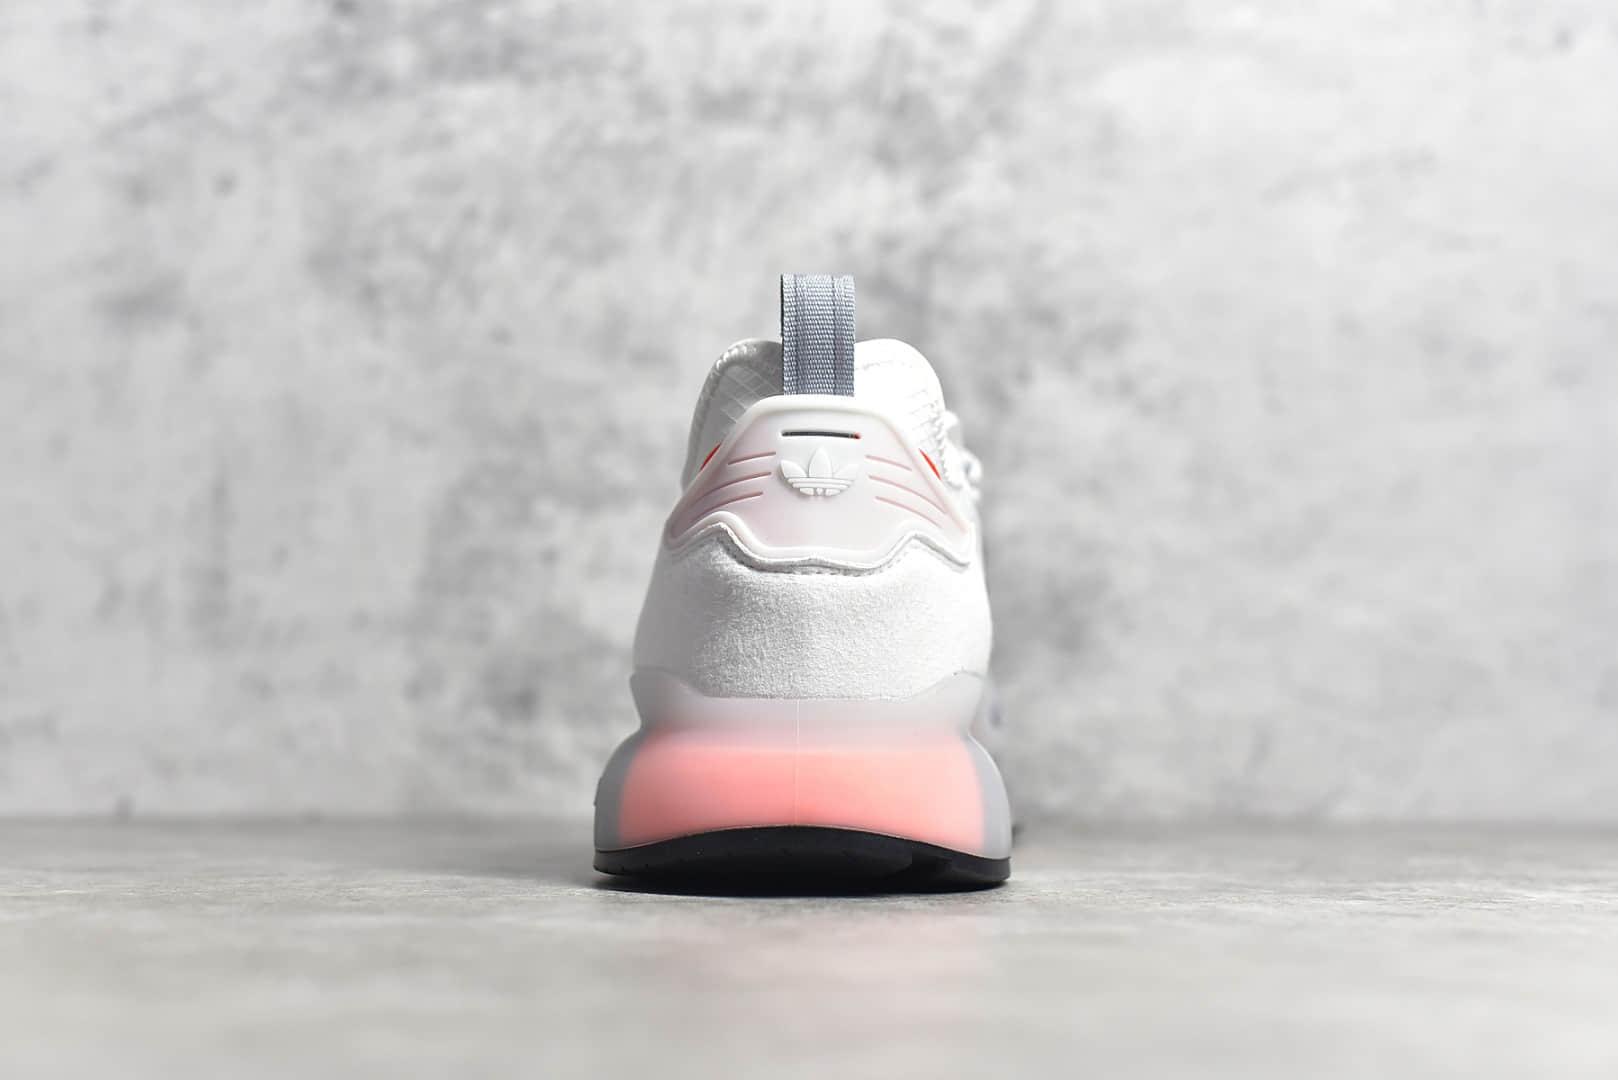 公司级巴斯夫真爆阿迪达ZX2K Adidas Originals ZX 2K Boost 真爆米花缓震阿迪达斯休闲跑鞋 货号:FX7028-潮流者之家